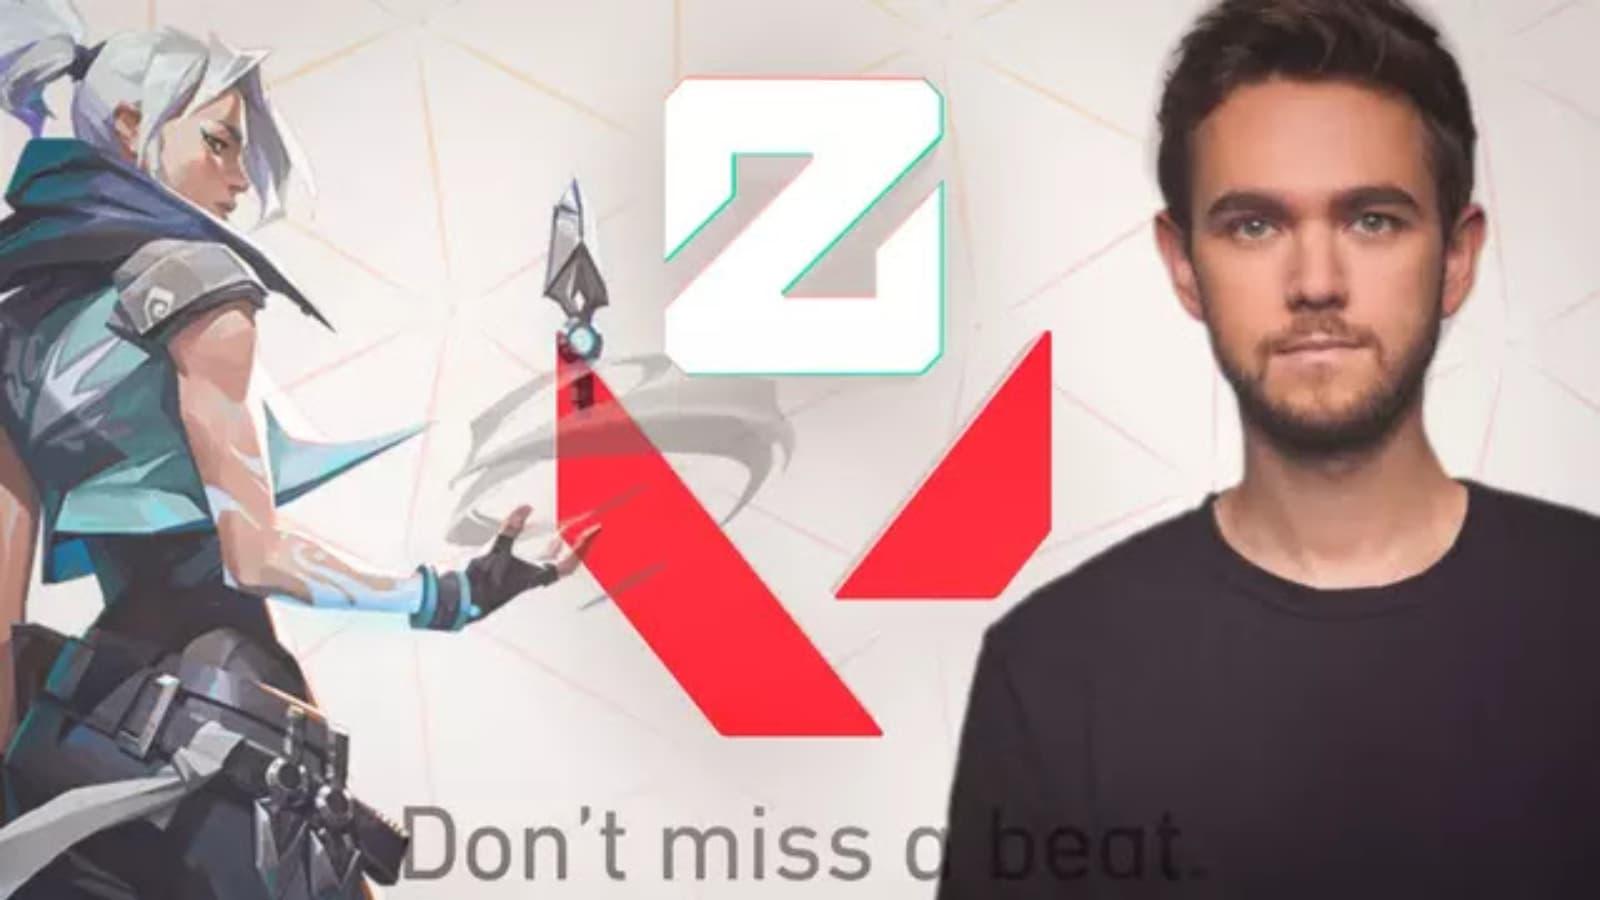 Colaboración Valorant X Zedd: ¿Quién es DJ Zedd y más?